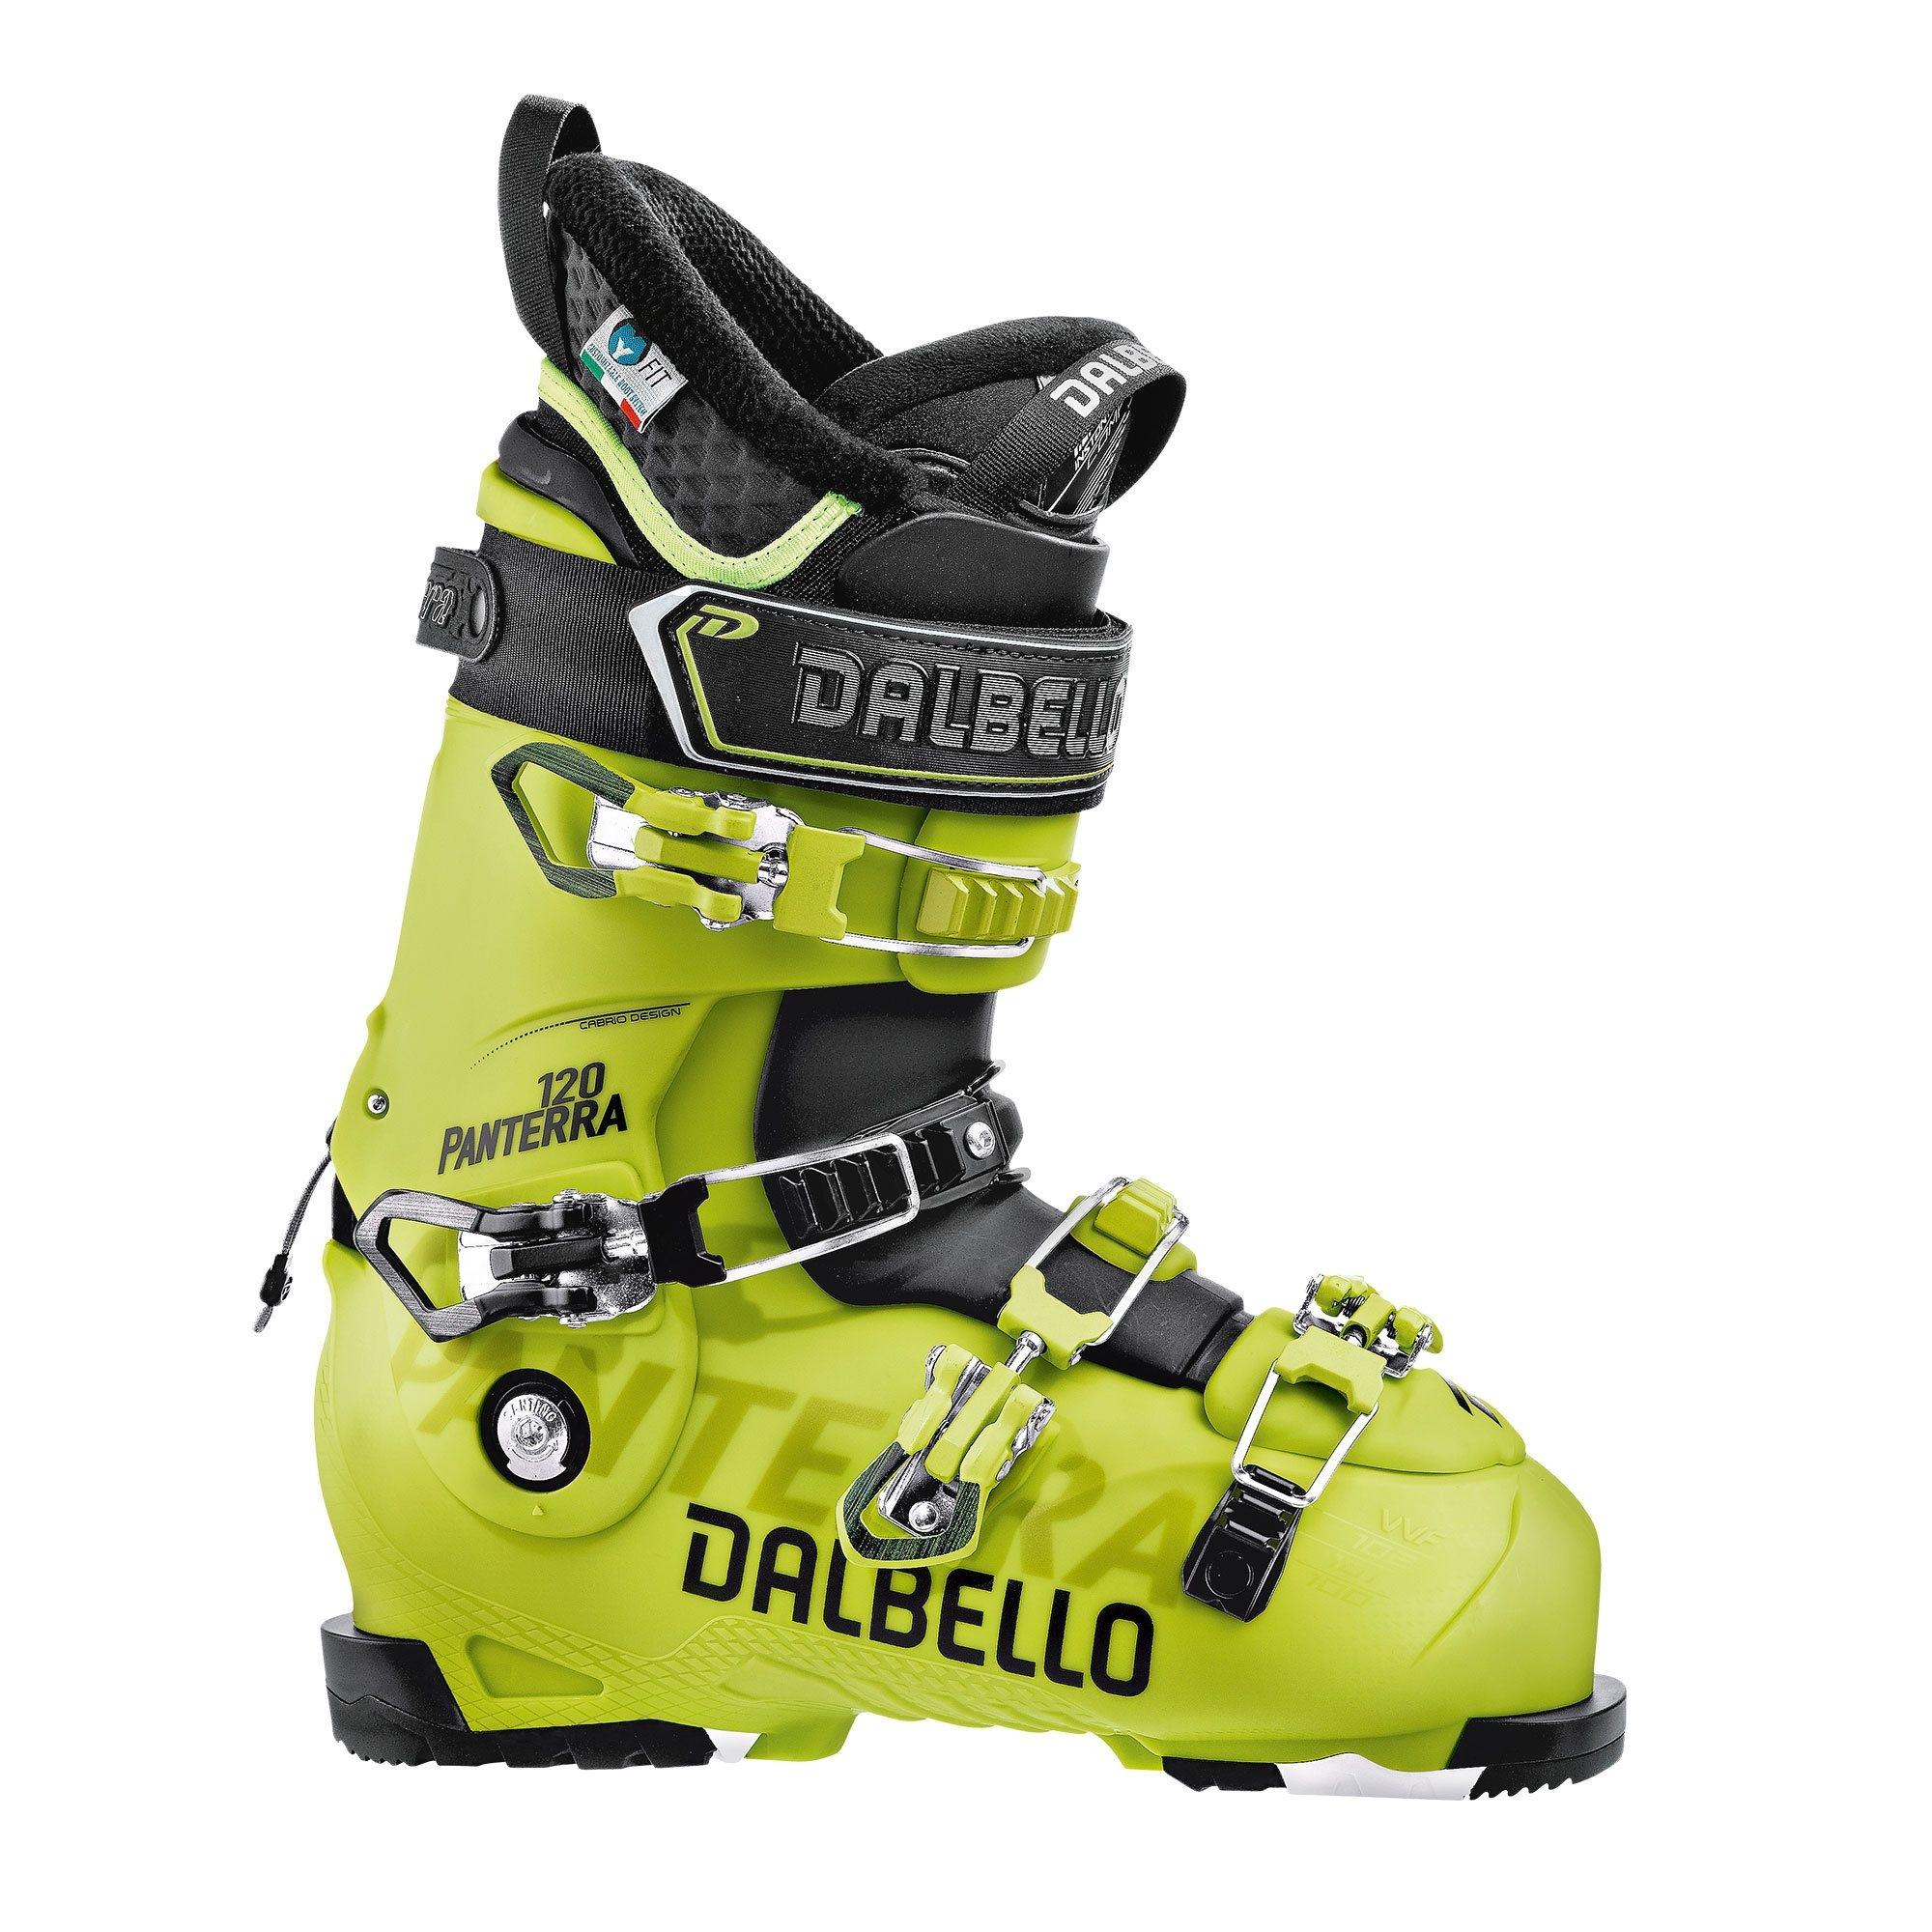 919f8def3f Head Vector Evo 130S Ski Boot Anthracite Yellow 2018 - Snowtrax Store